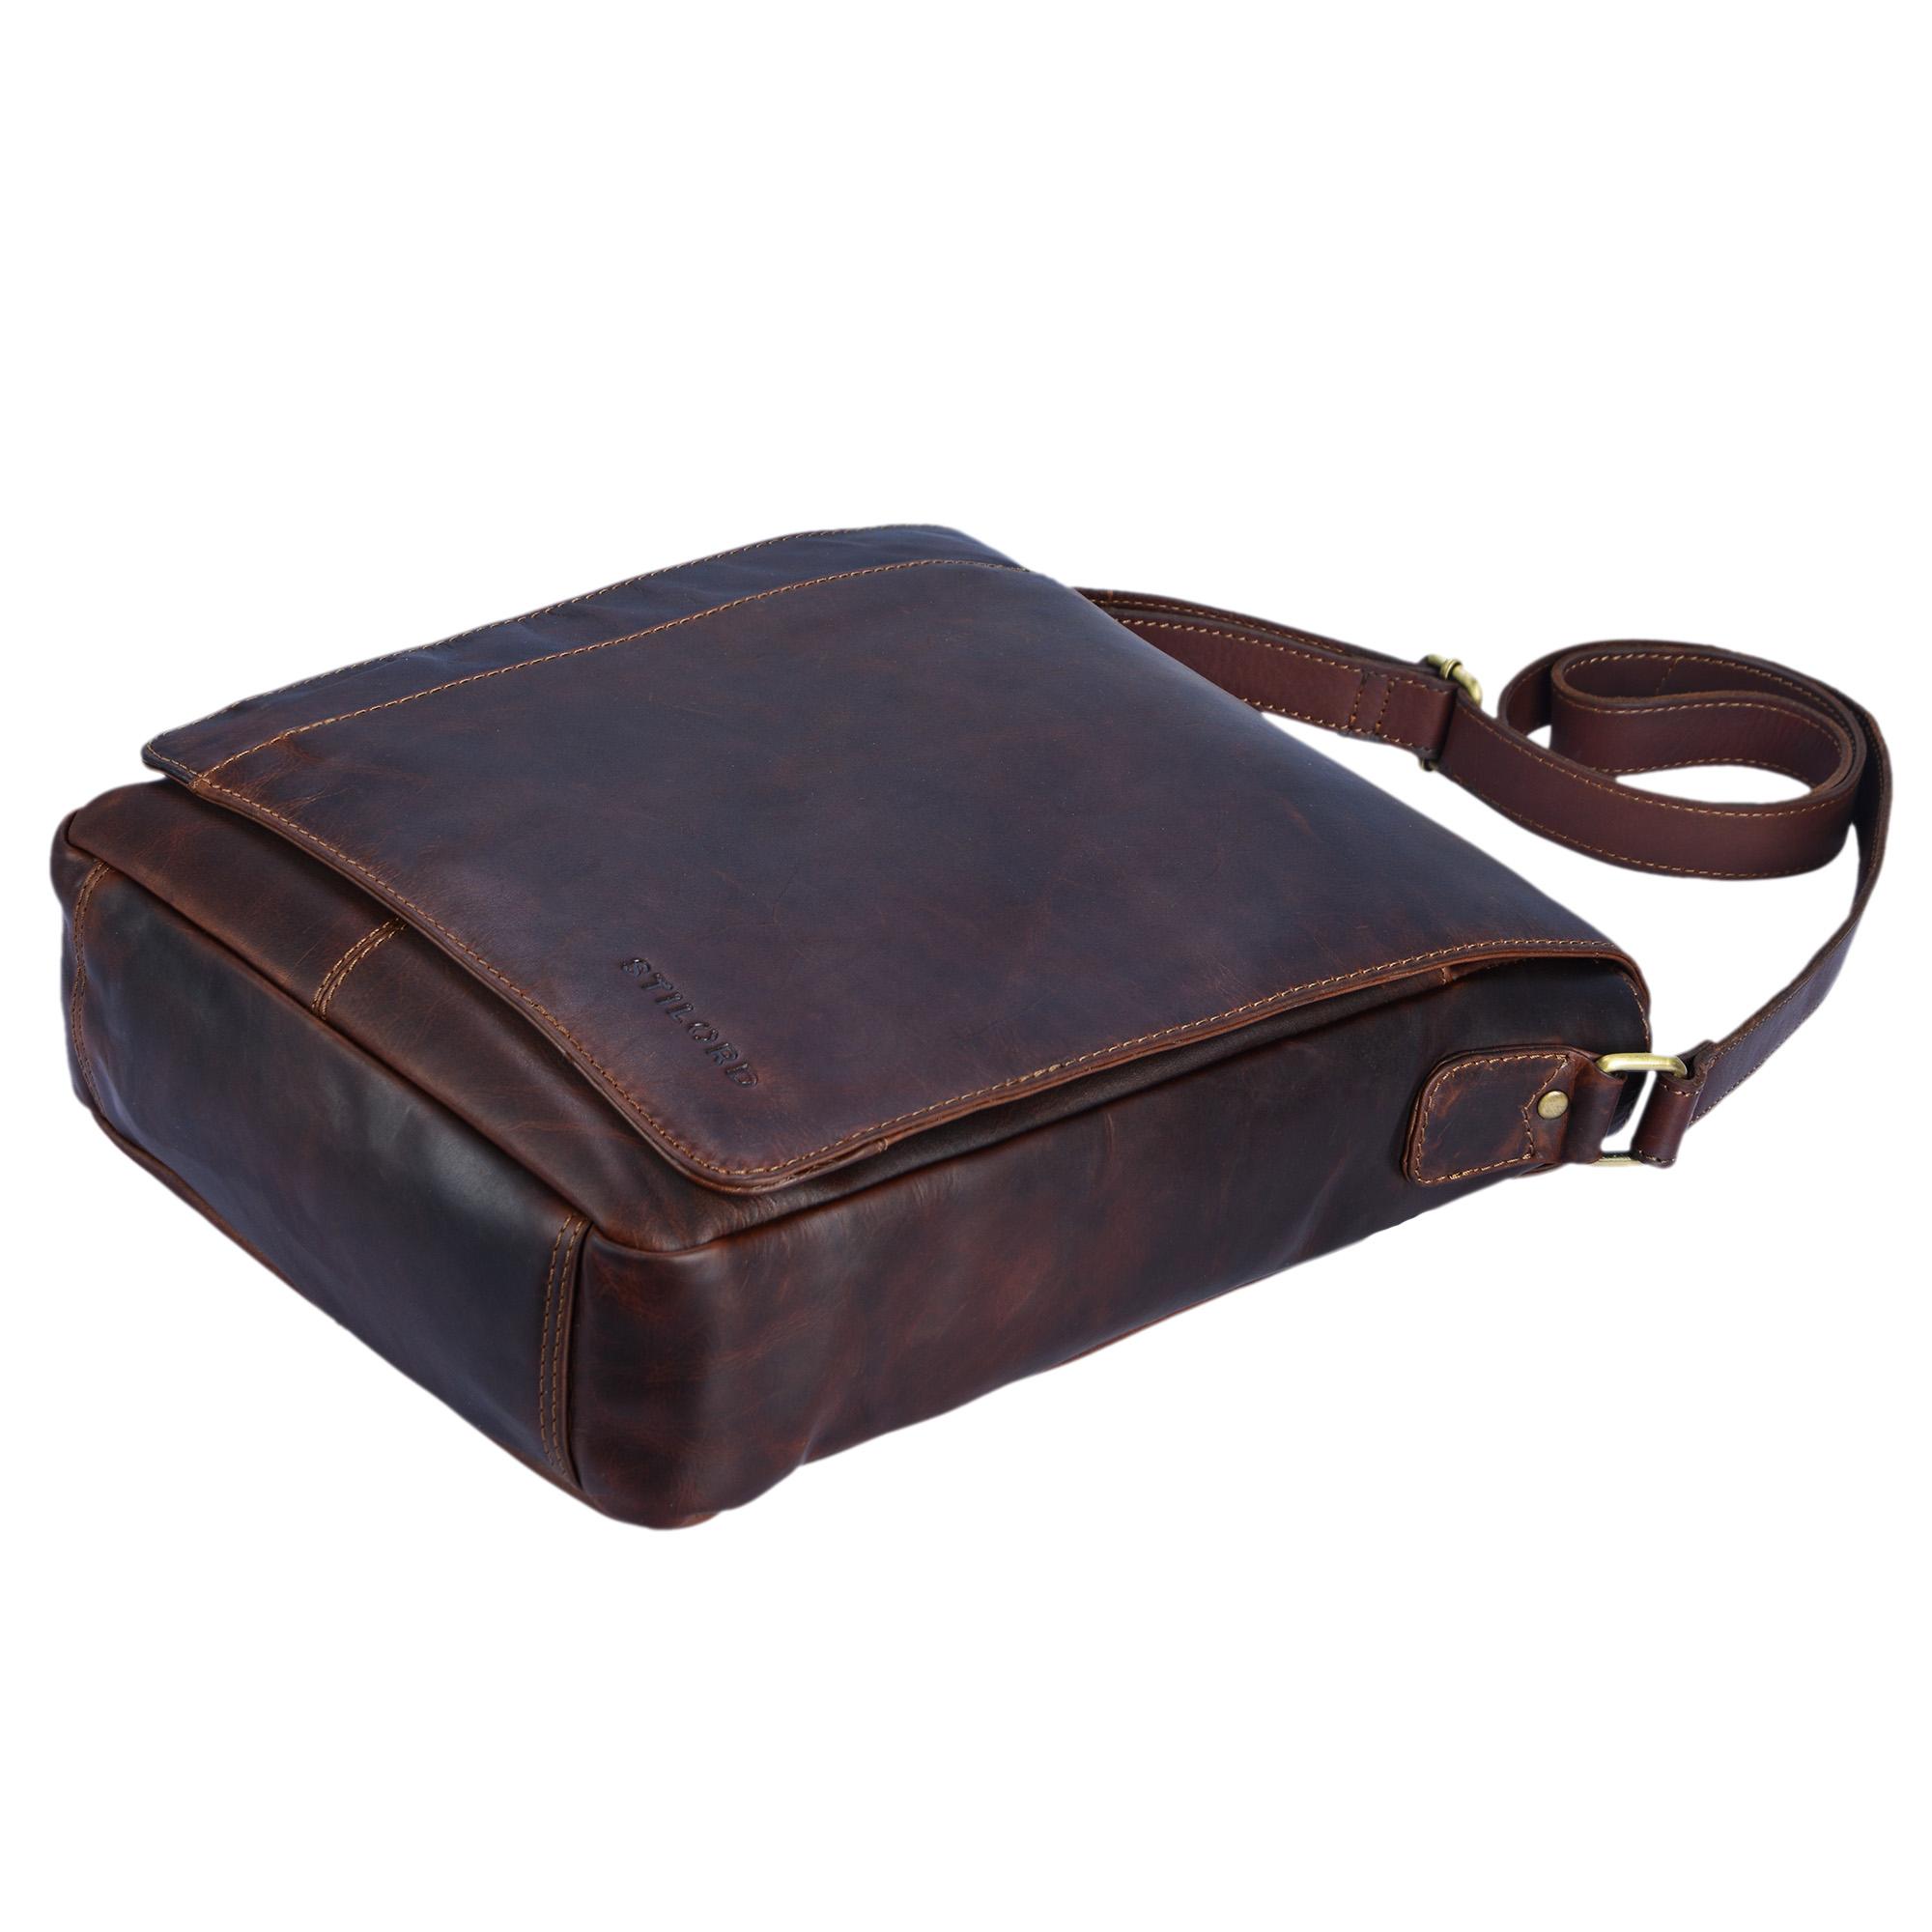 """STILORD """"Paul"""" Umhängetasche Herren Leder Hochformat braune Messenger Bag im Vintage Design Ledertasche für 13,3 Zoll MacBook iPad DIN A4 Herrentasche Echtleder - Bild 21"""